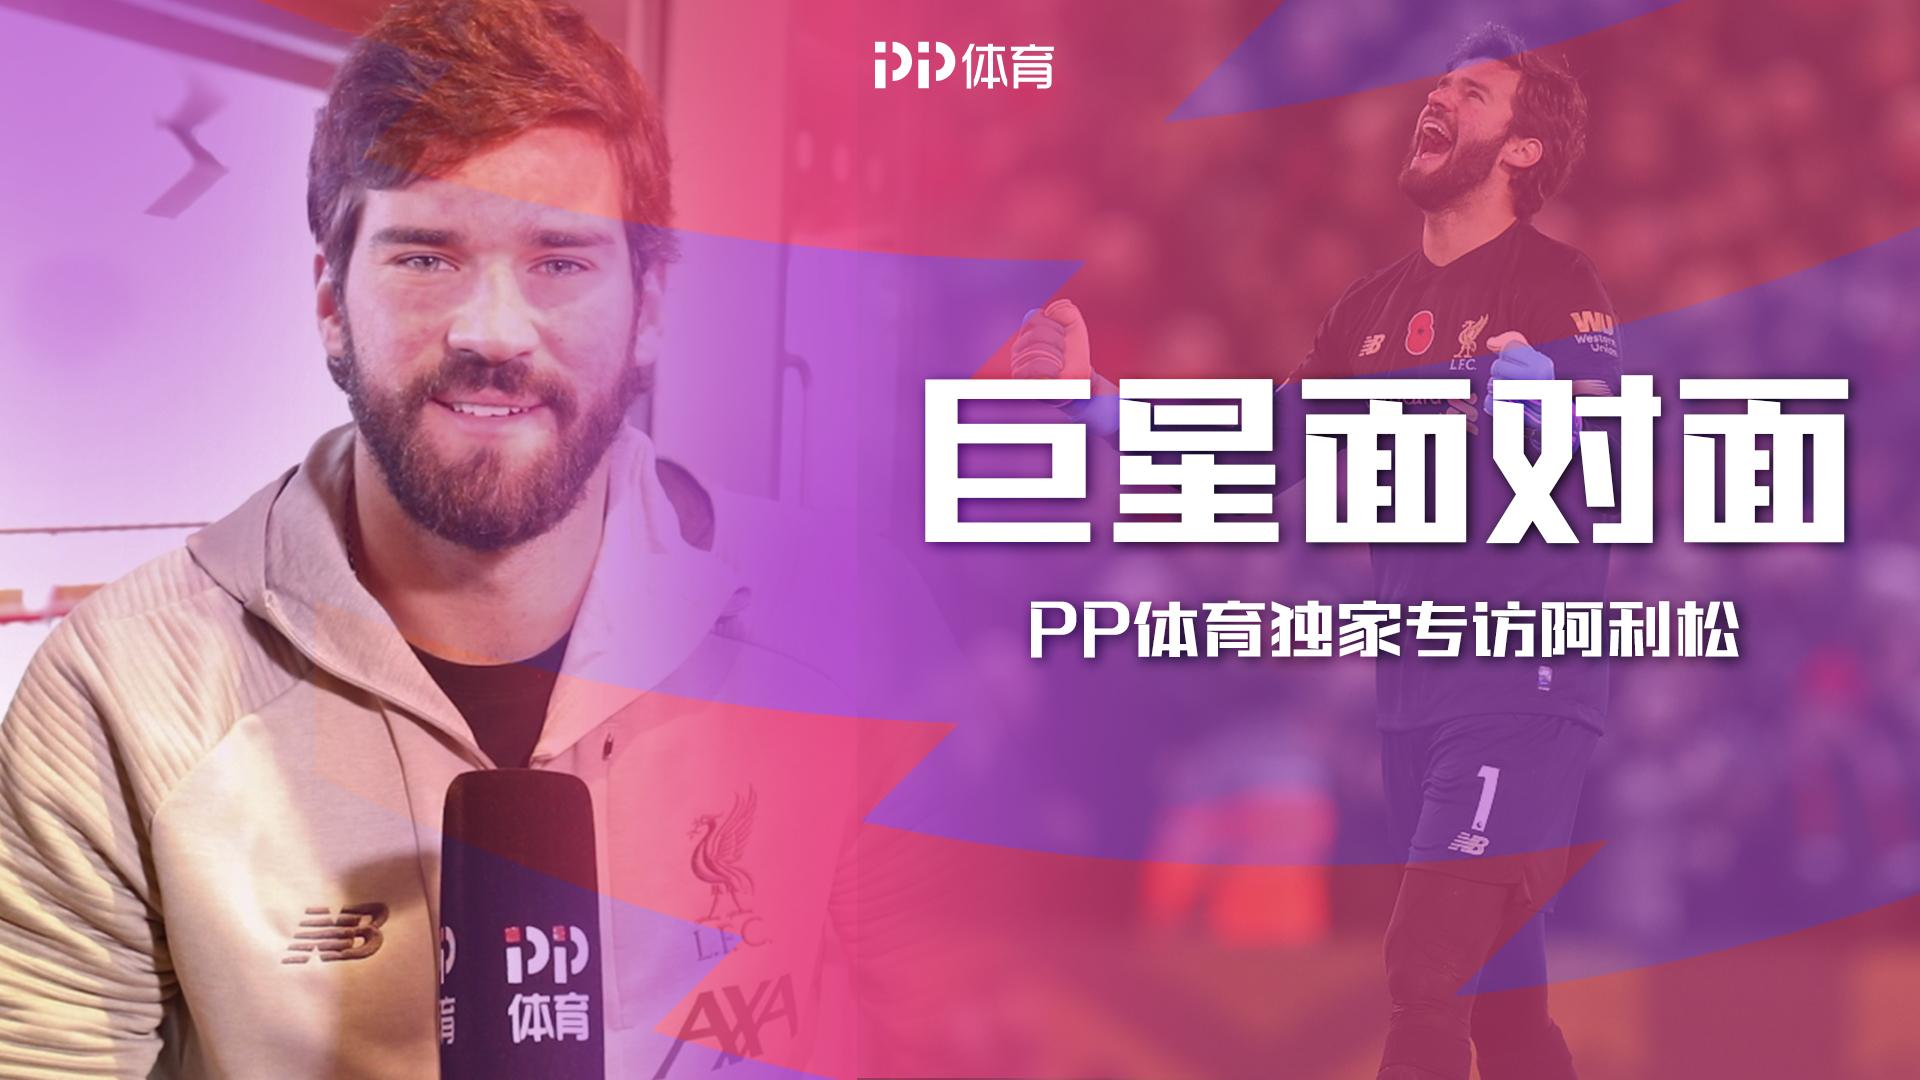 PP体育专访阿利松:若夺冠将为球迷献歌 梅西是外星人比C罗强